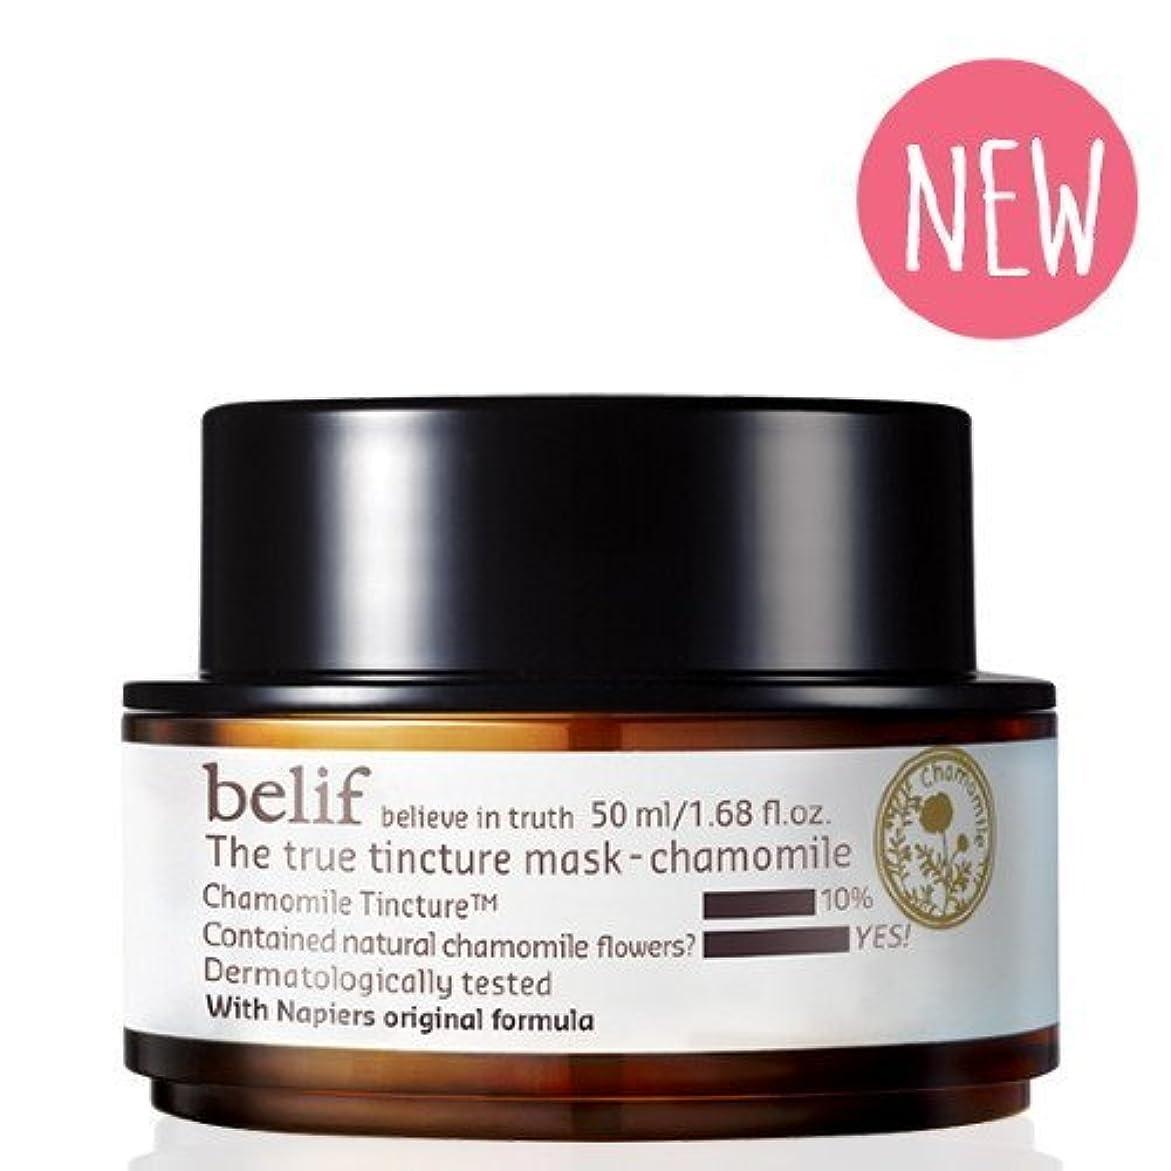 シンジケートお母さん大工2016 New - Belif The True Tincture Mask chamomile [並行輸入品]